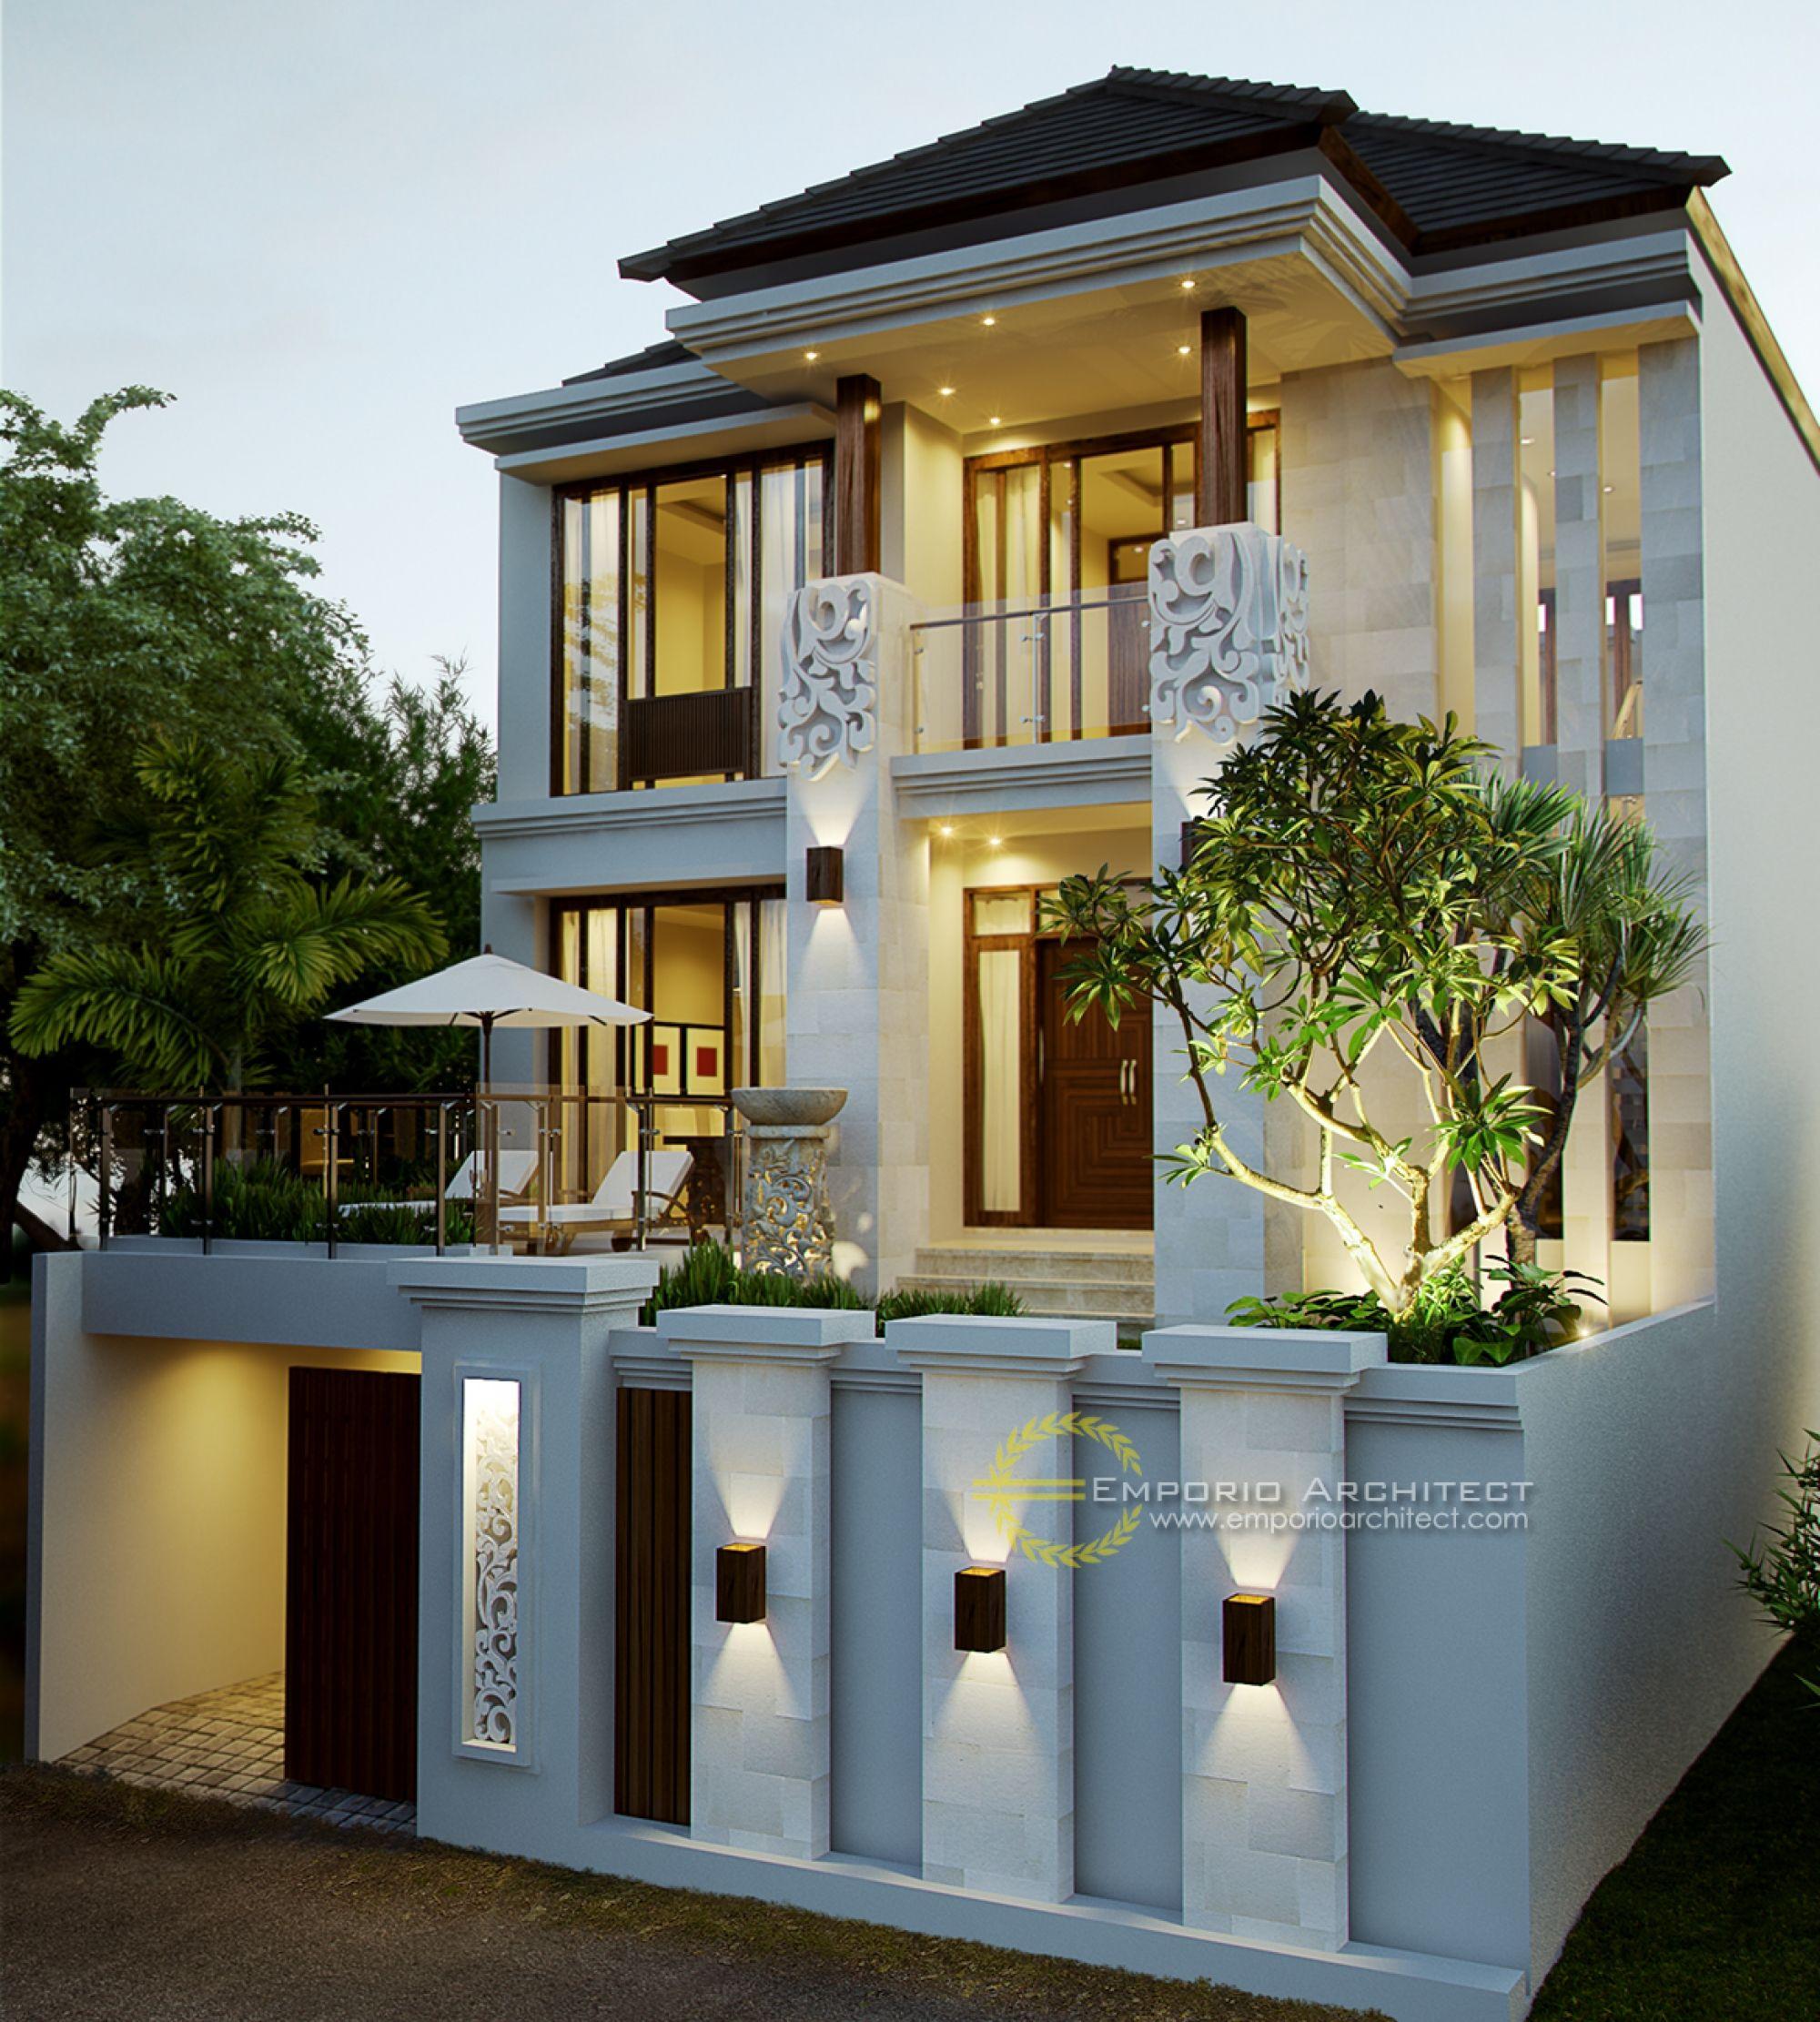 Maison de caractère immeuble maisons contemporaines conception de maison de rêve conception